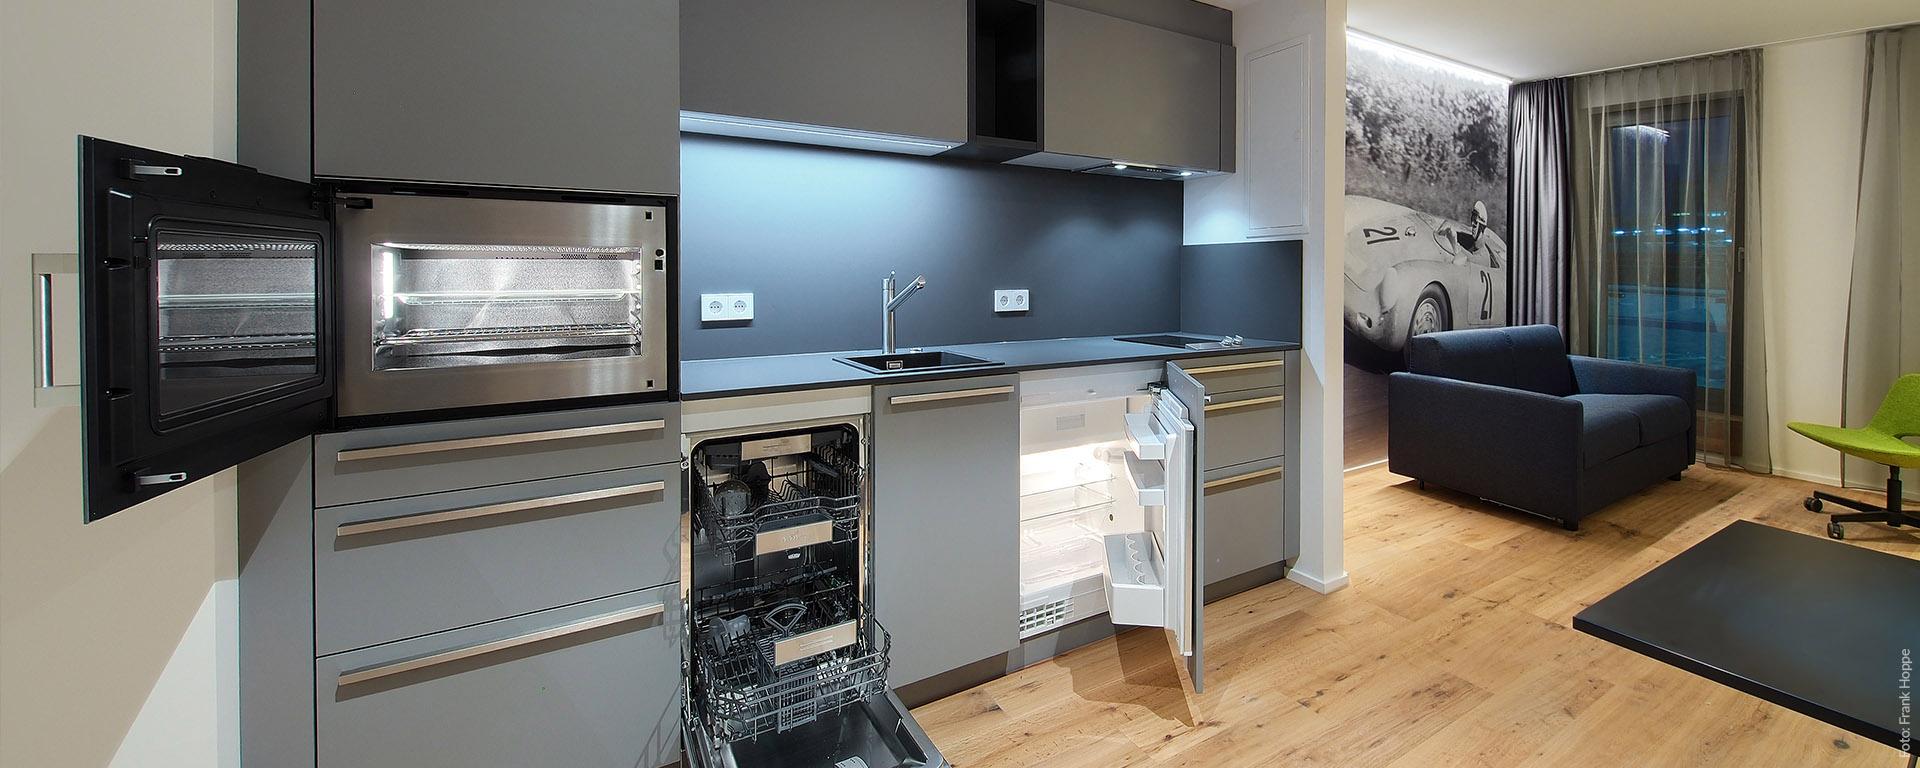 Appartment Unterkunft mit Küche für Ihren Business-Aufenthalt und als Service- und Montagezimmer-Appartment.